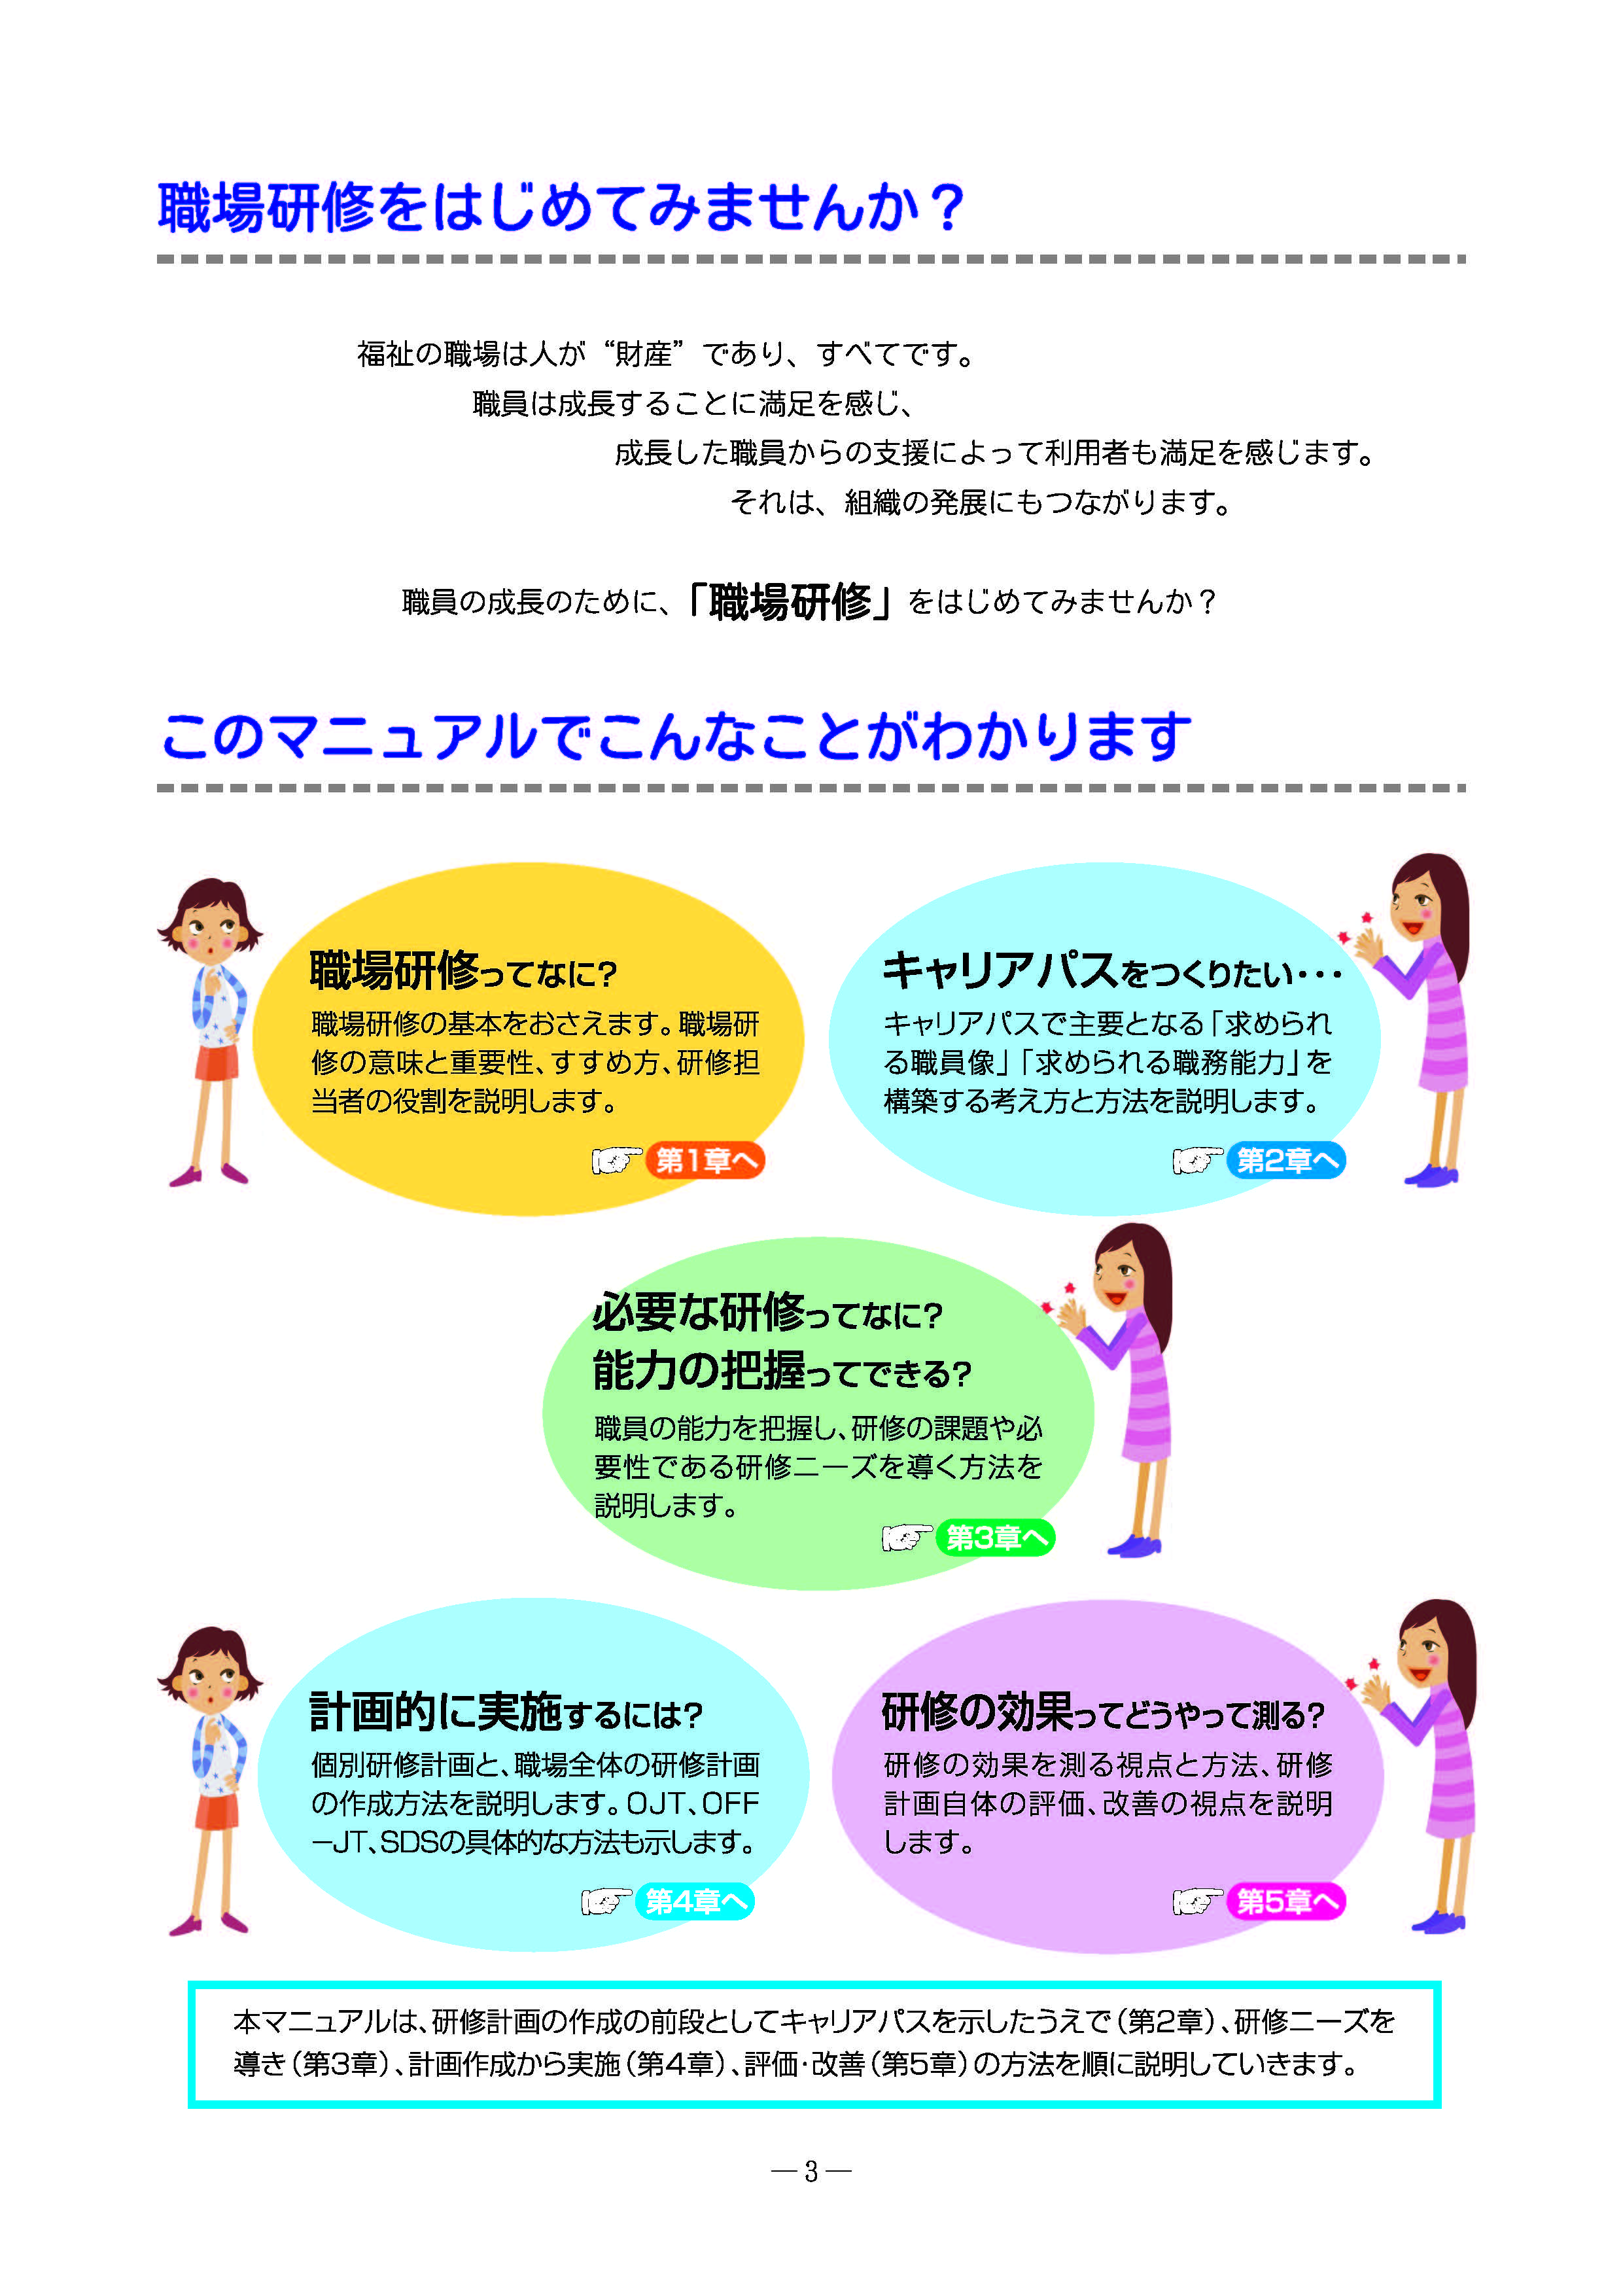 福祉の職場の研修計画・実践マニュアル(ページイメージ1)